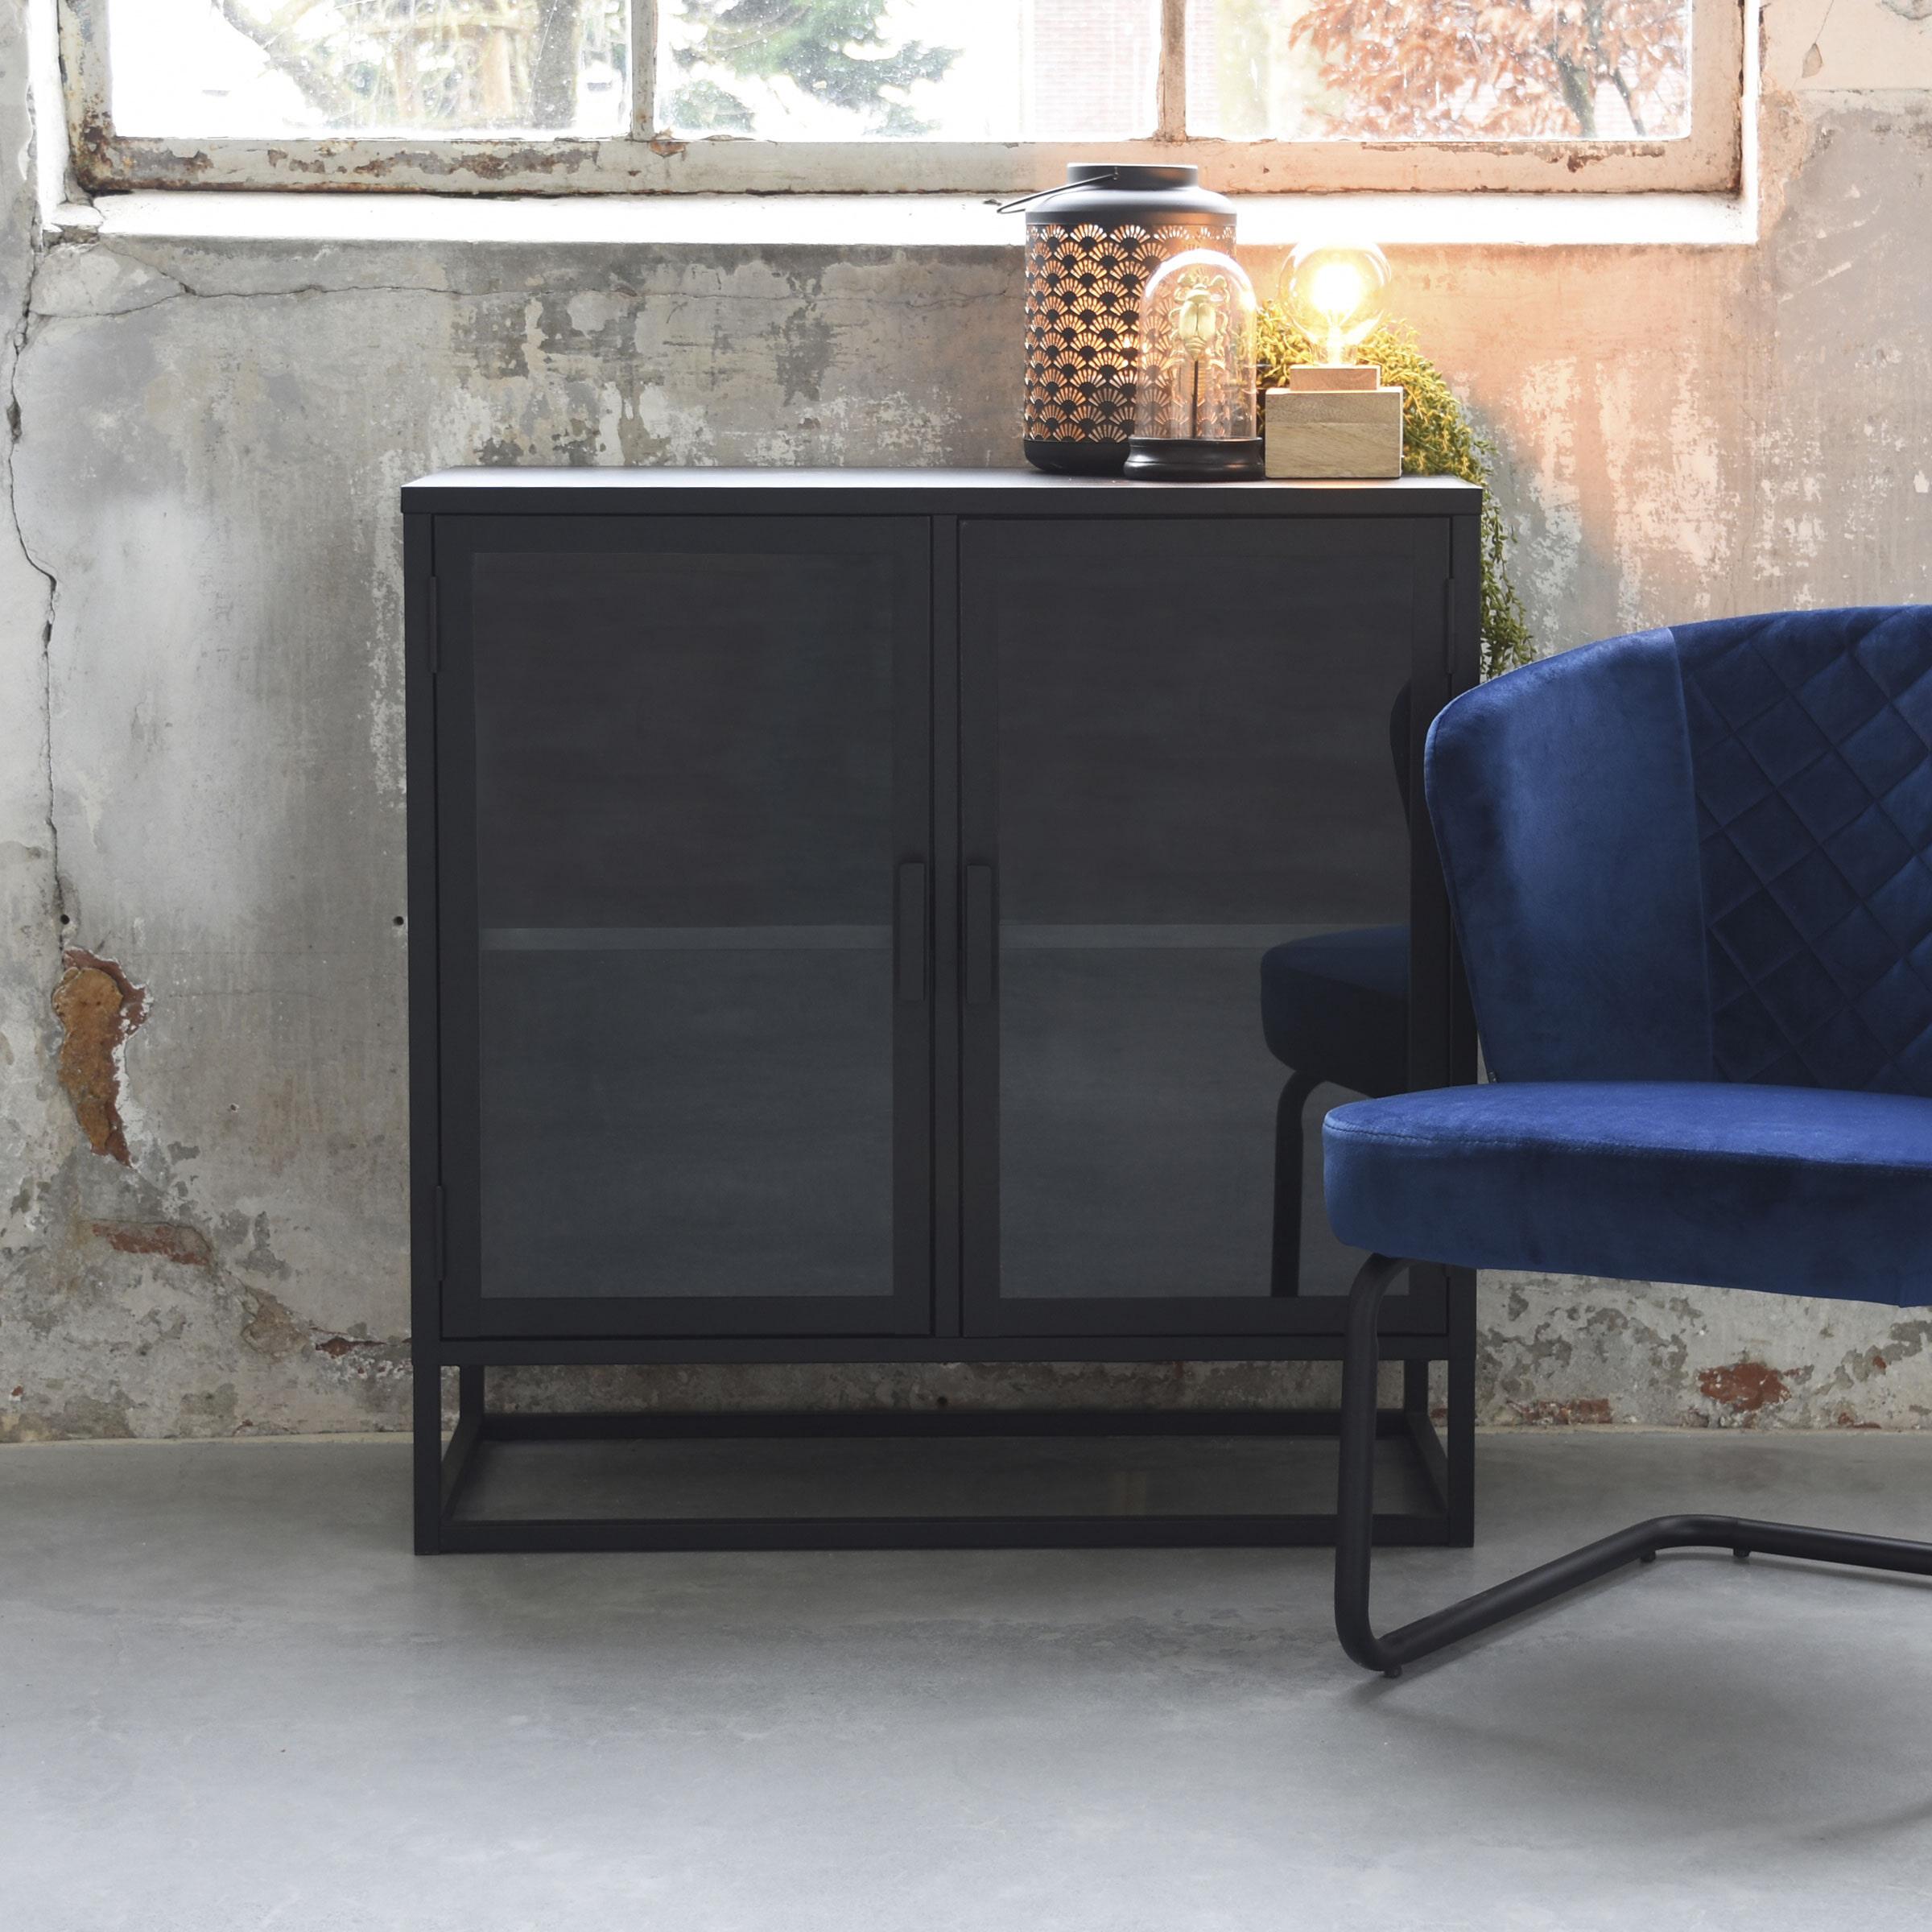 LABEL51 Lage vitrinekast 'Level', Metaal, 85 x 40 x 85cm, kleur Zwart